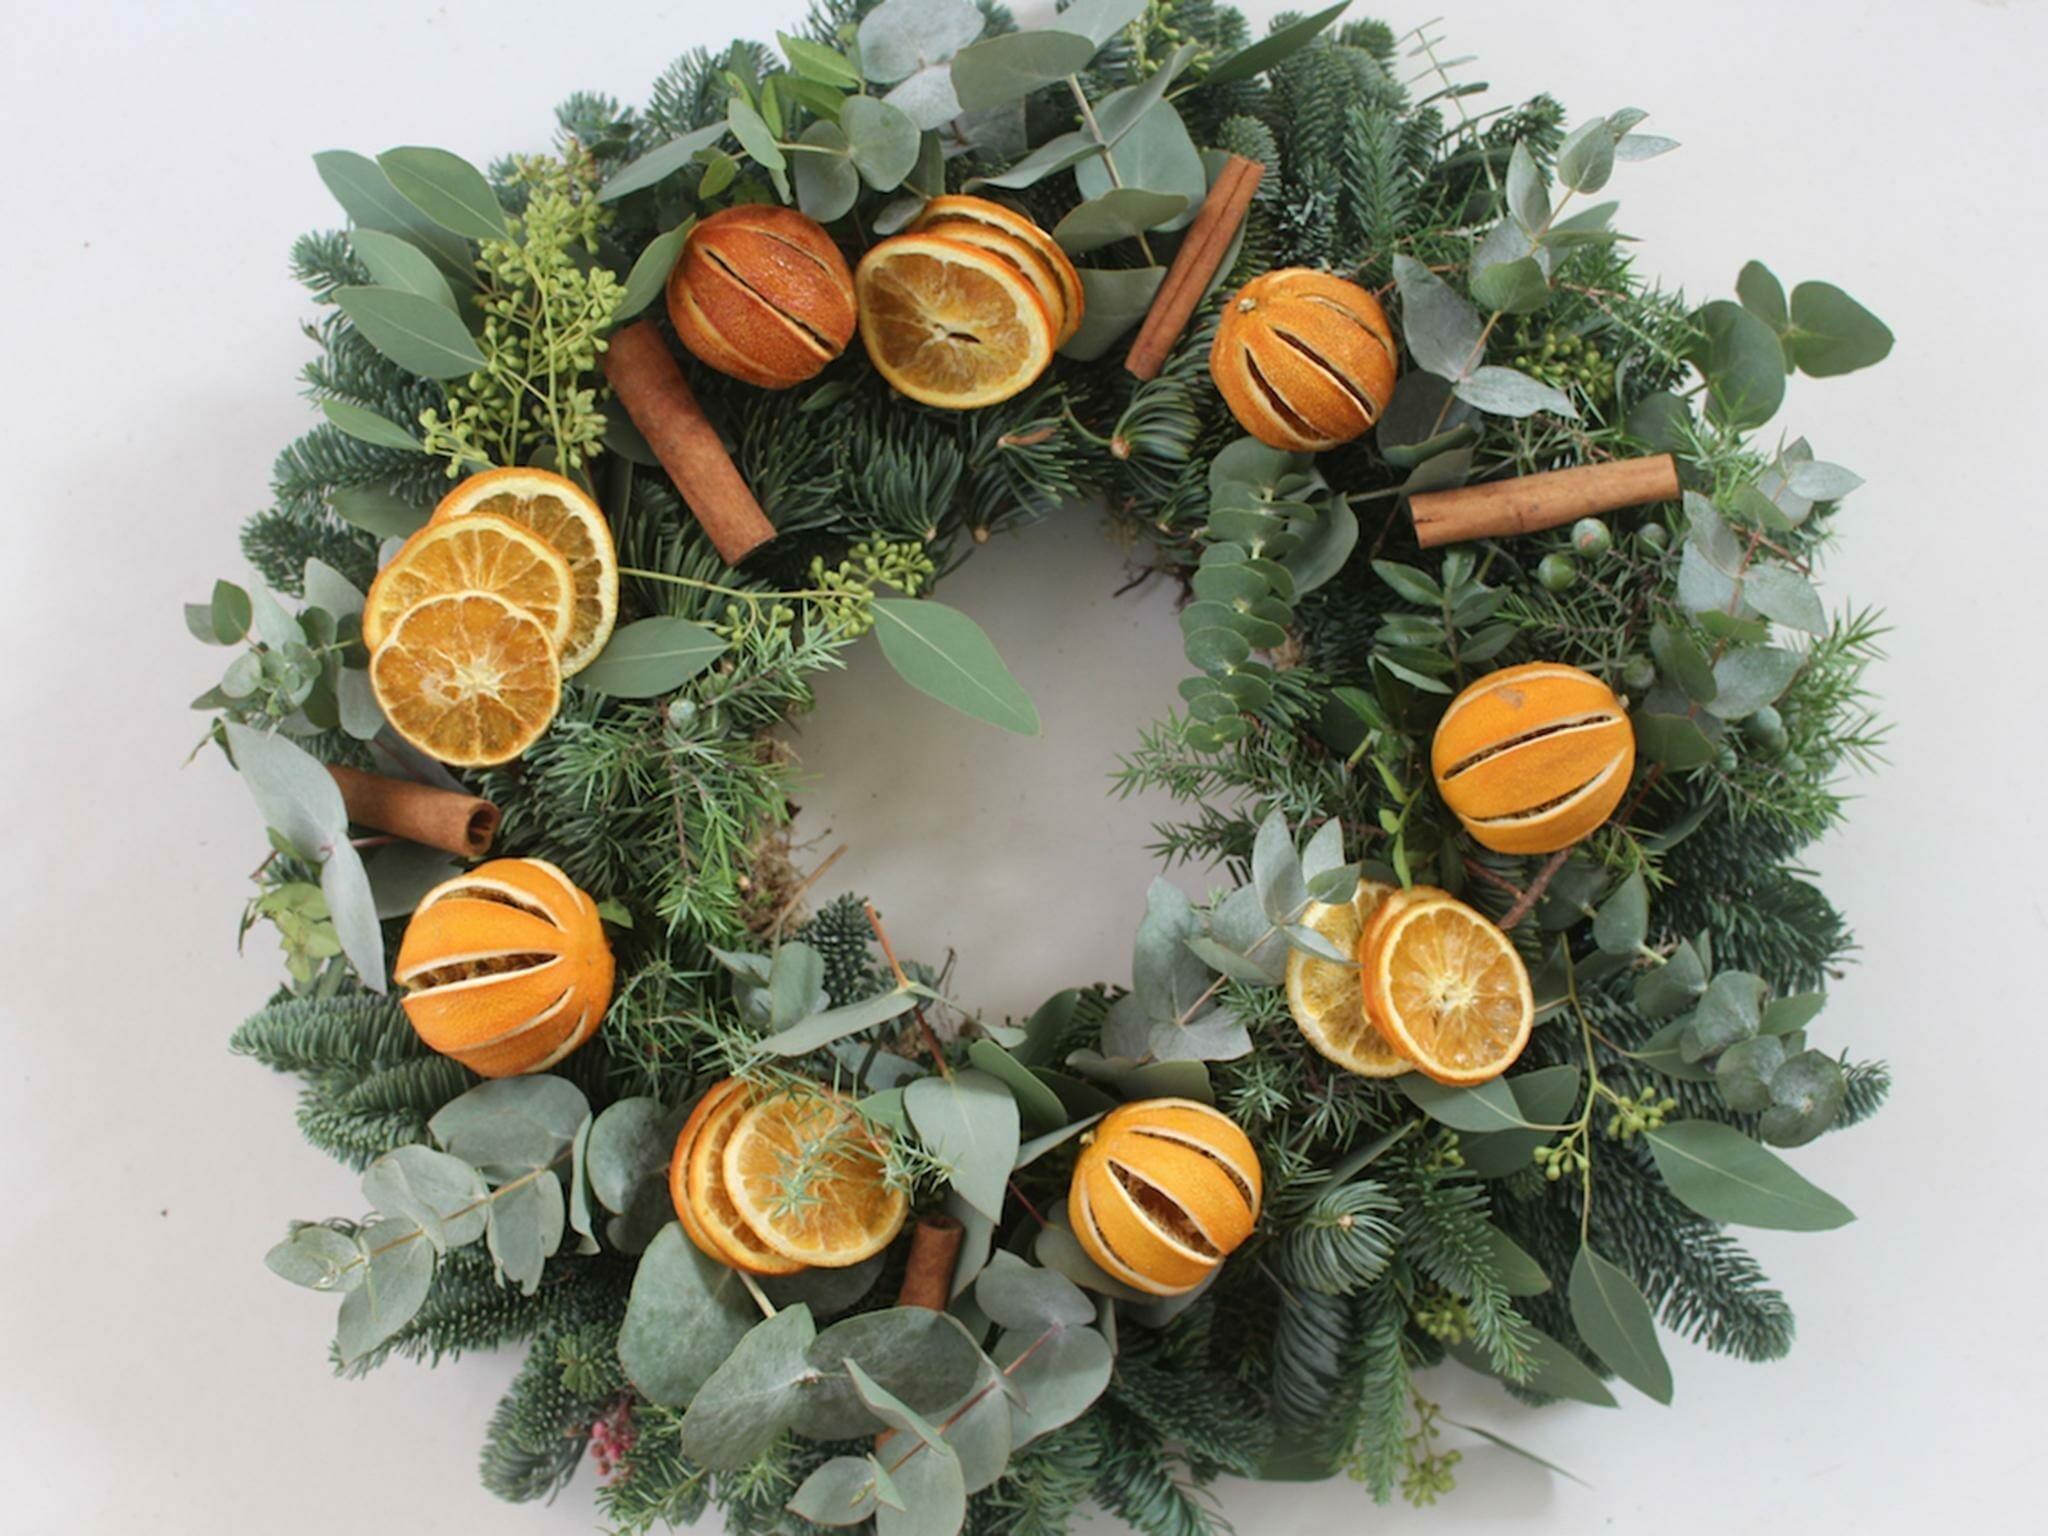 citrus and cinnamon winter wreath idea